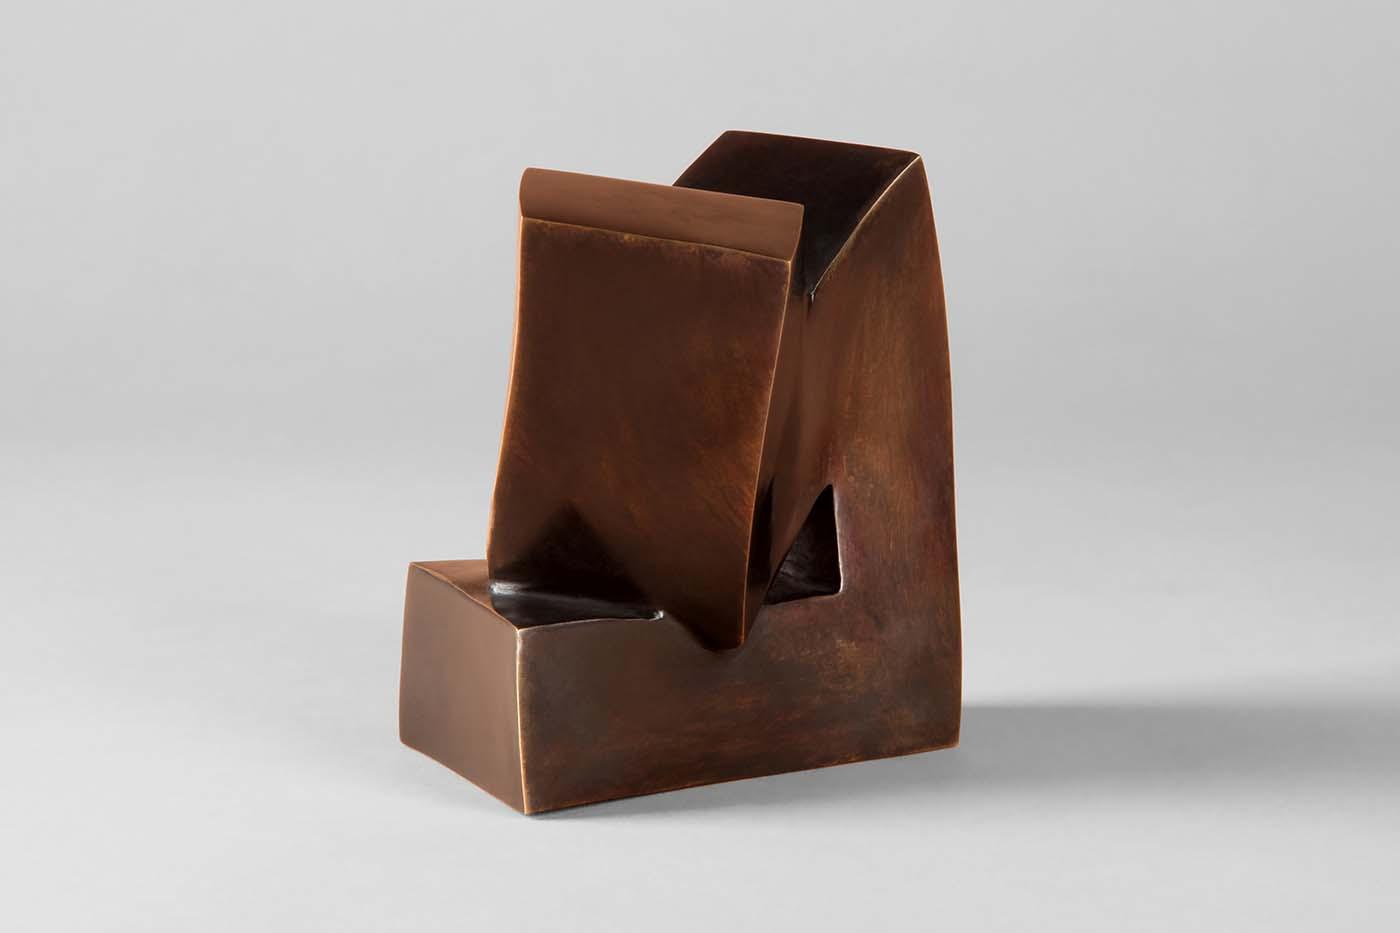 Der Denker, 2013, Bronze, 10,5 x 8 x 8 cm (2)